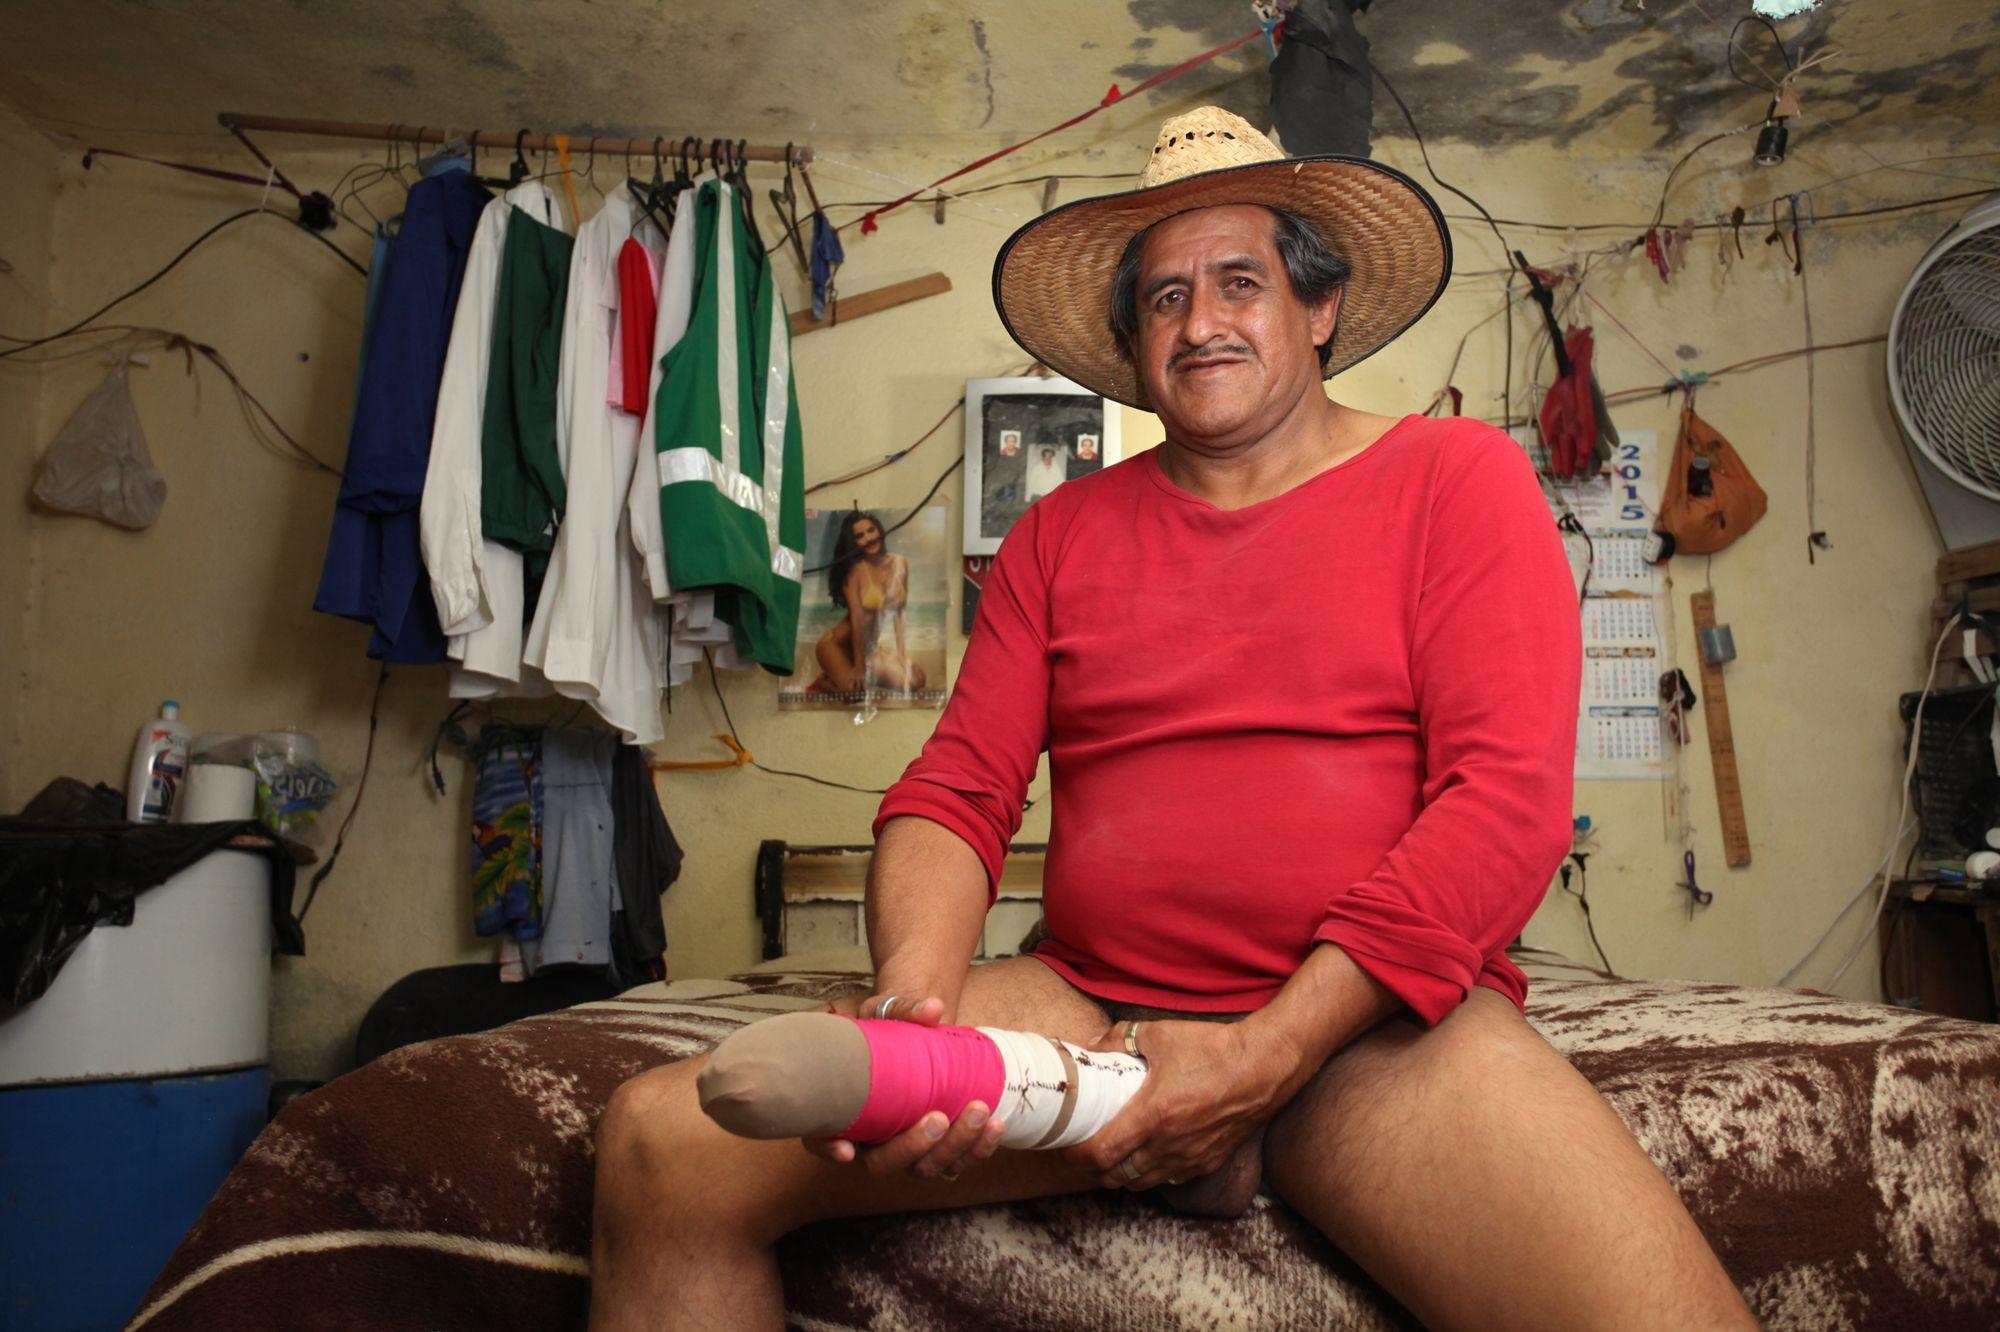 Pénis grand spectaclethrough porn pics@todorazor.com